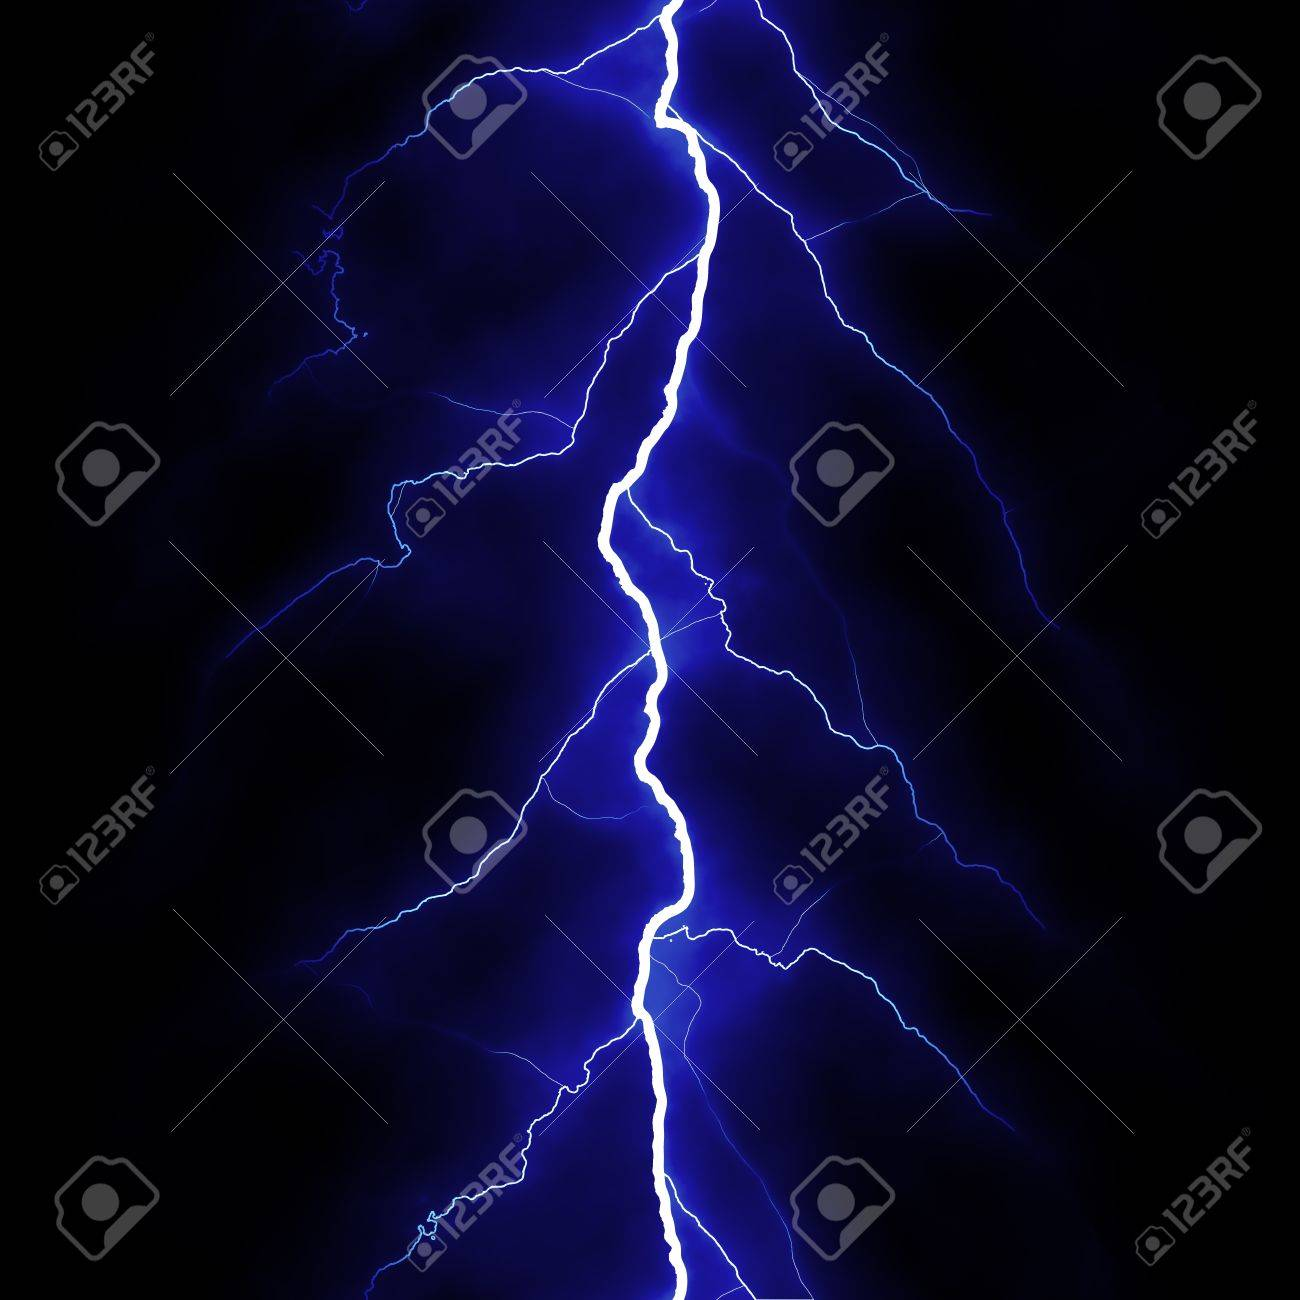 Lightning flash on black background Stock Photo - 9473420